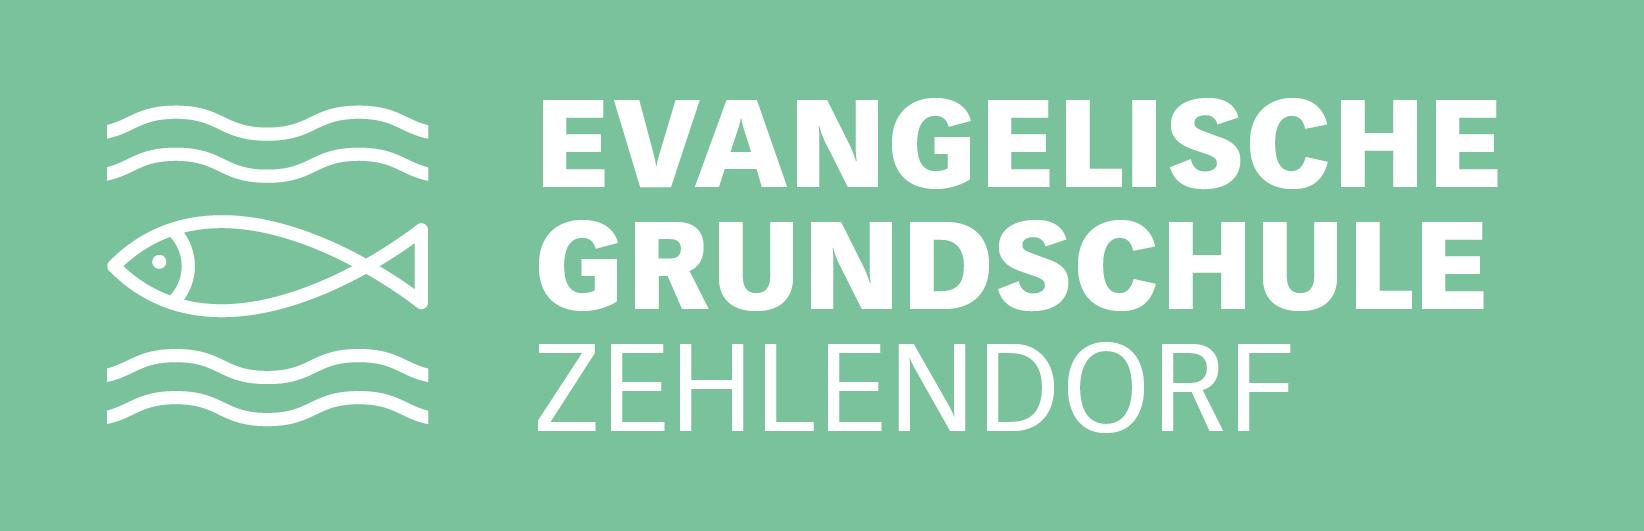 Evangelische Grundschule Zehlendorf